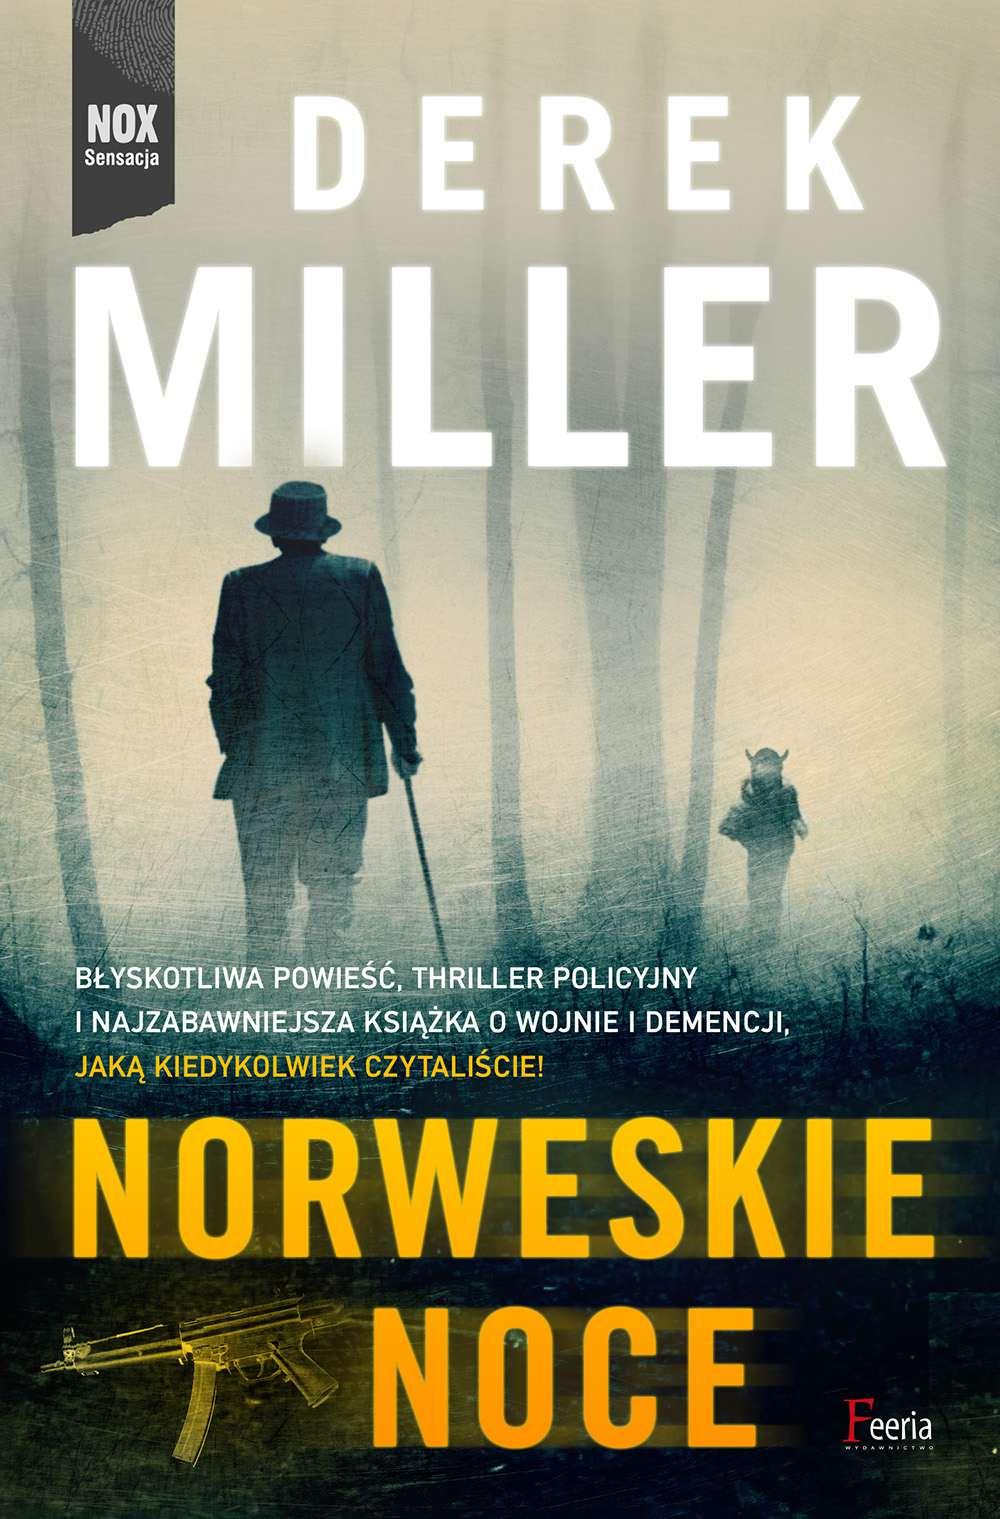 Norweskie noce - Ebook (Książka EPUB) do pobrania w formacie EPUB